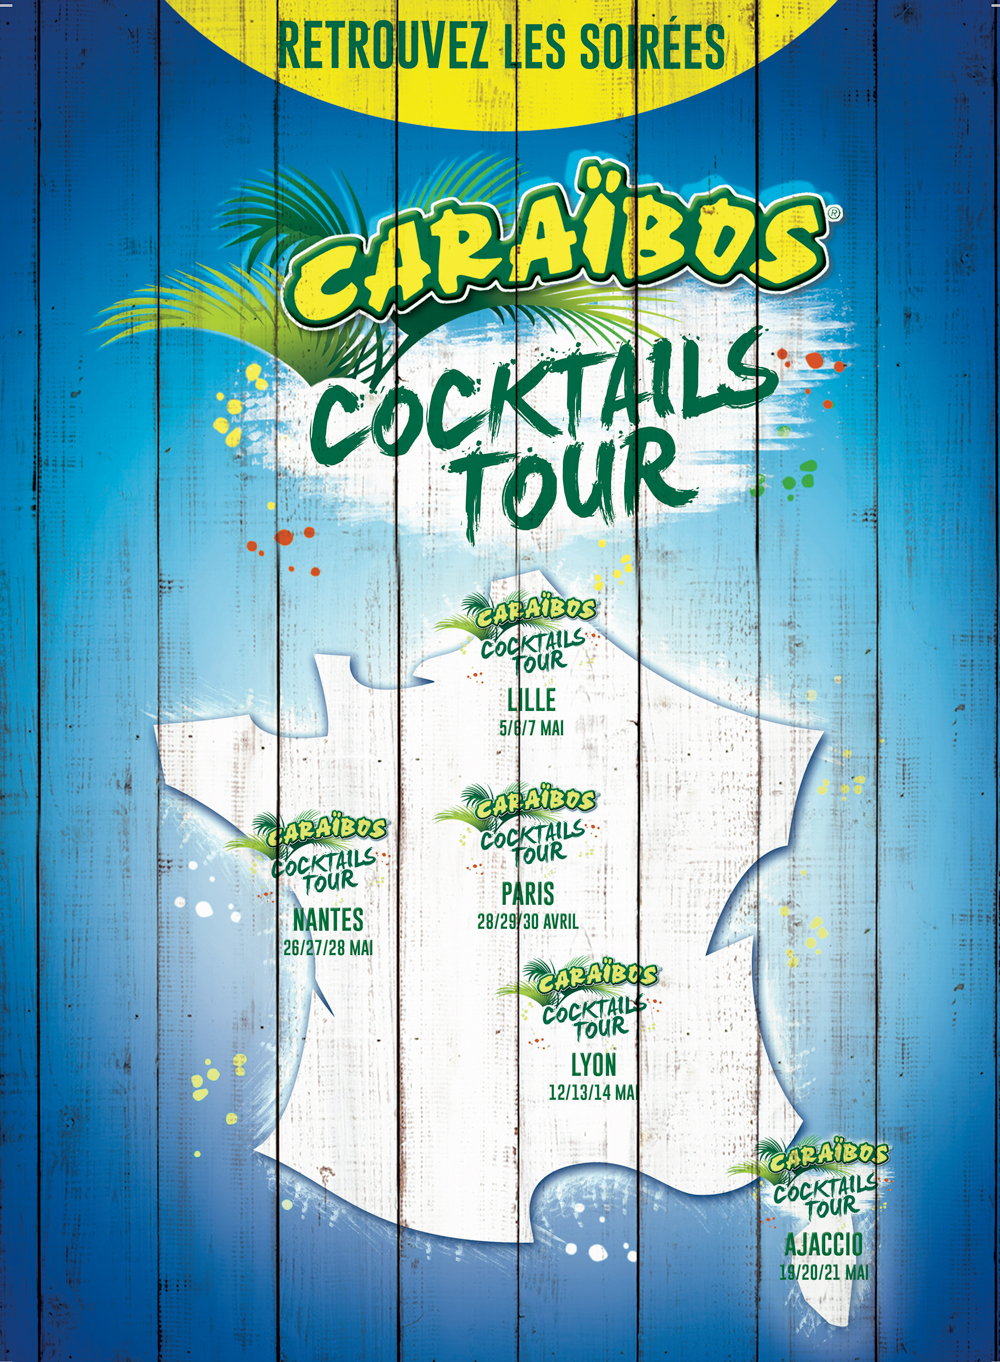 Le Caraïbos Cocktails Tour part en tournée